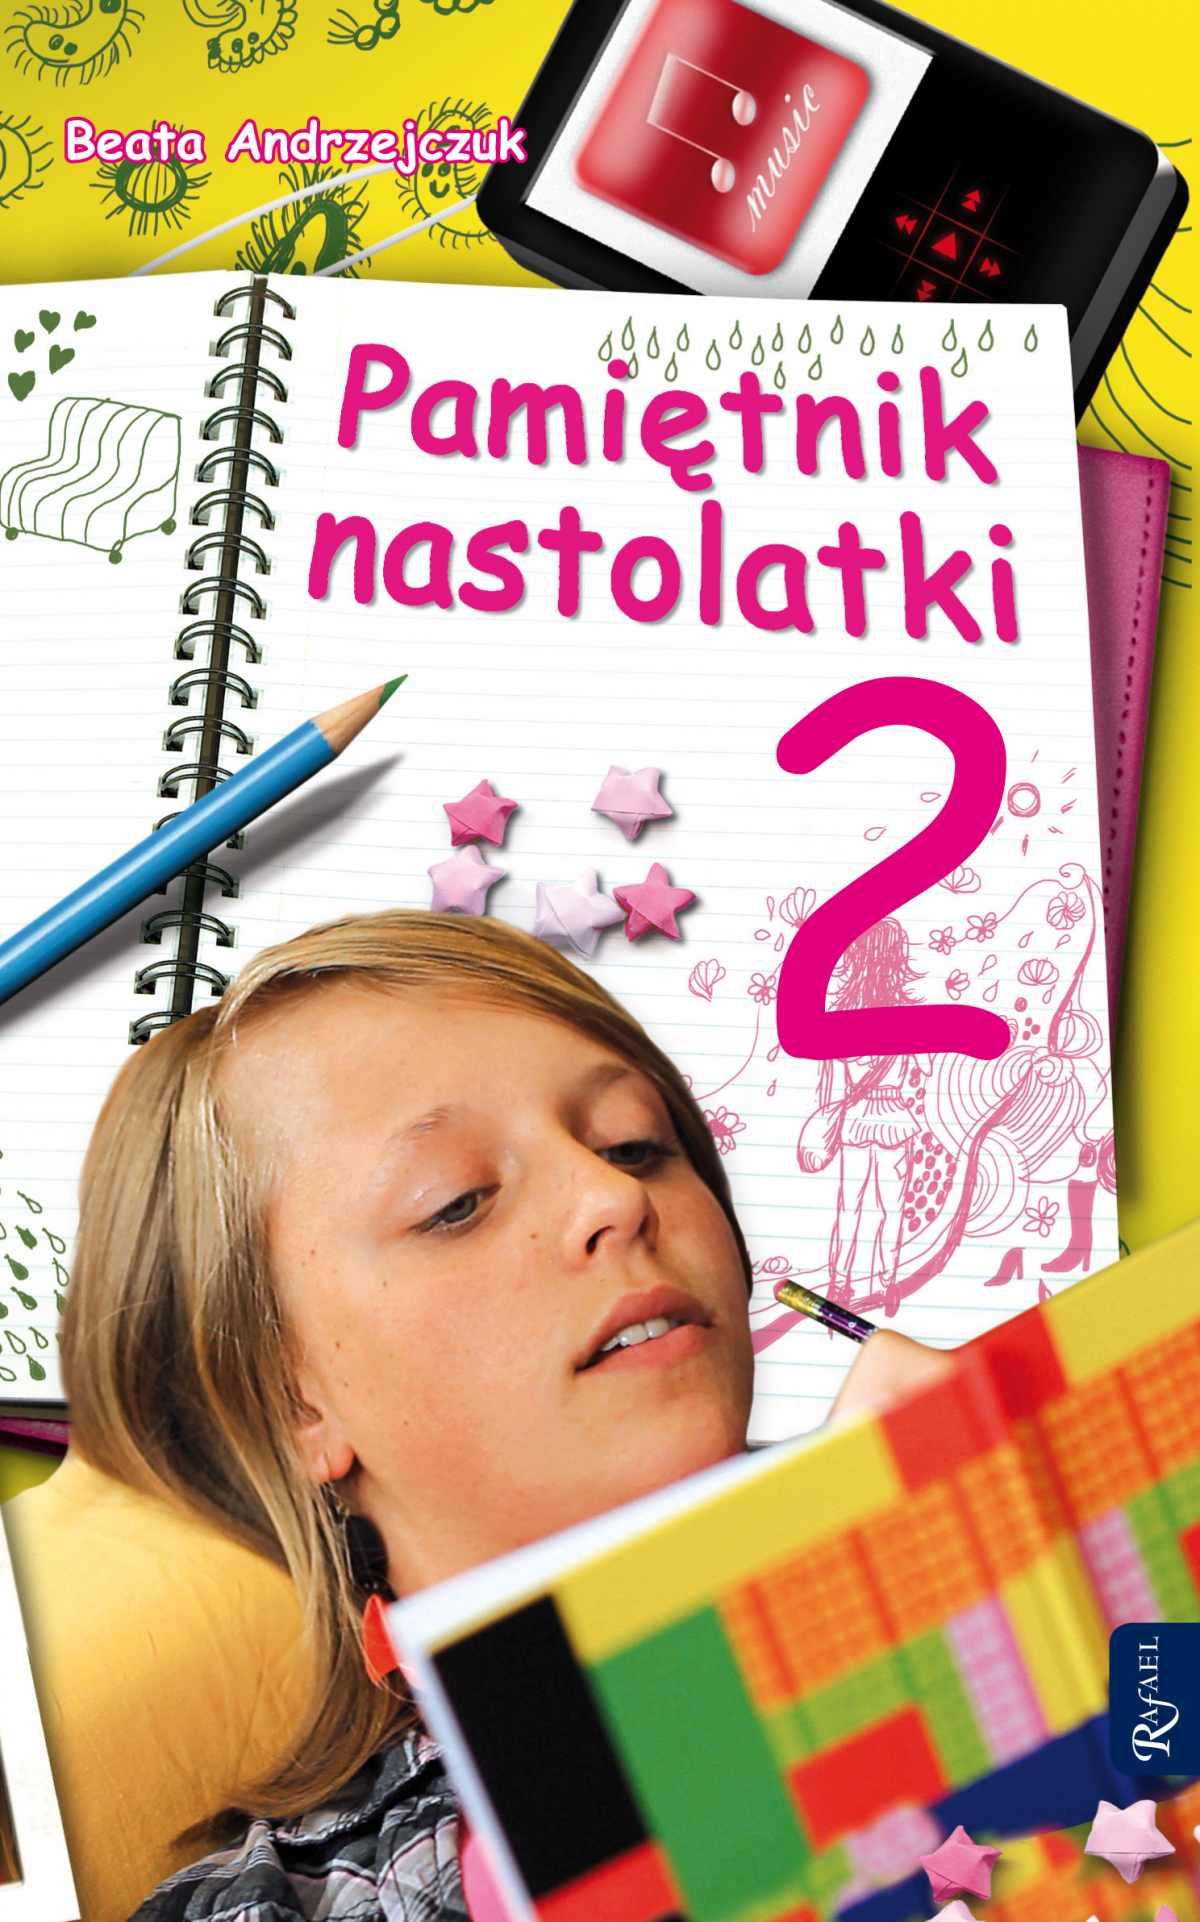 Pamiętnik nastolatki 2 - Ebook (Książka EPUB) do pobrania w formacie EPUB